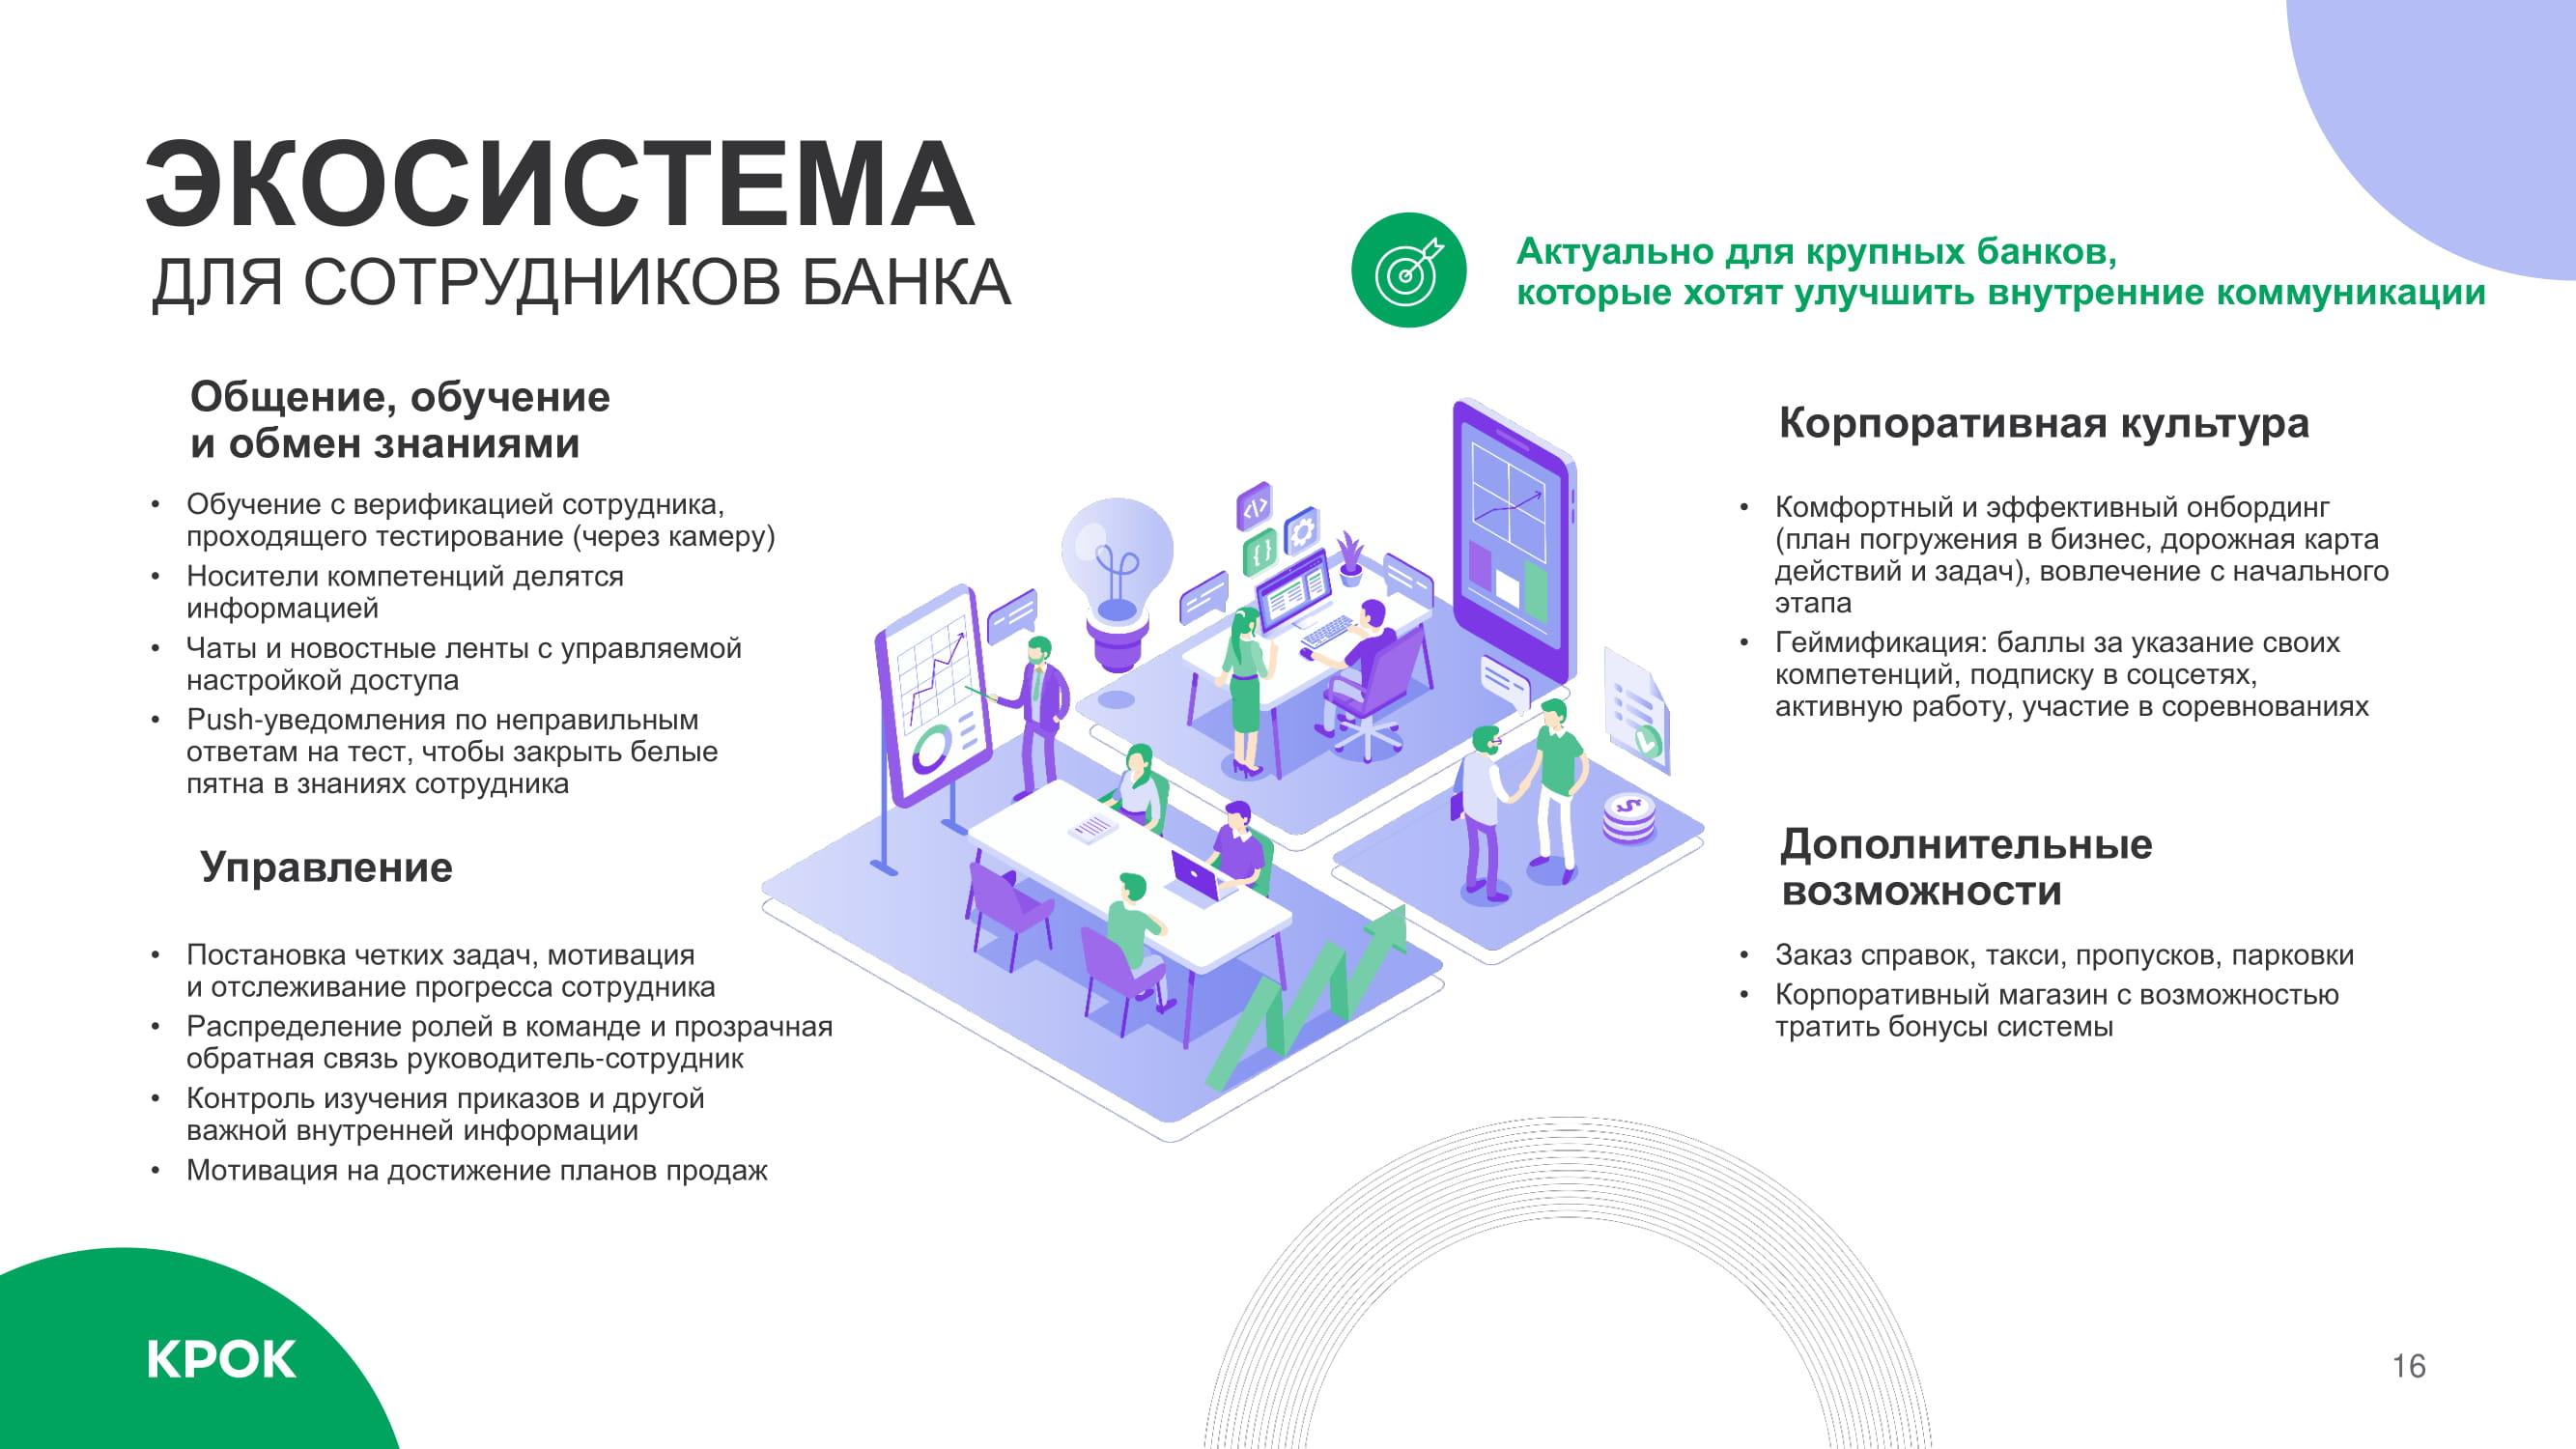 RETAIL-FINANCE-AWARDS-2020_Лучший-розничный-банк-1-16